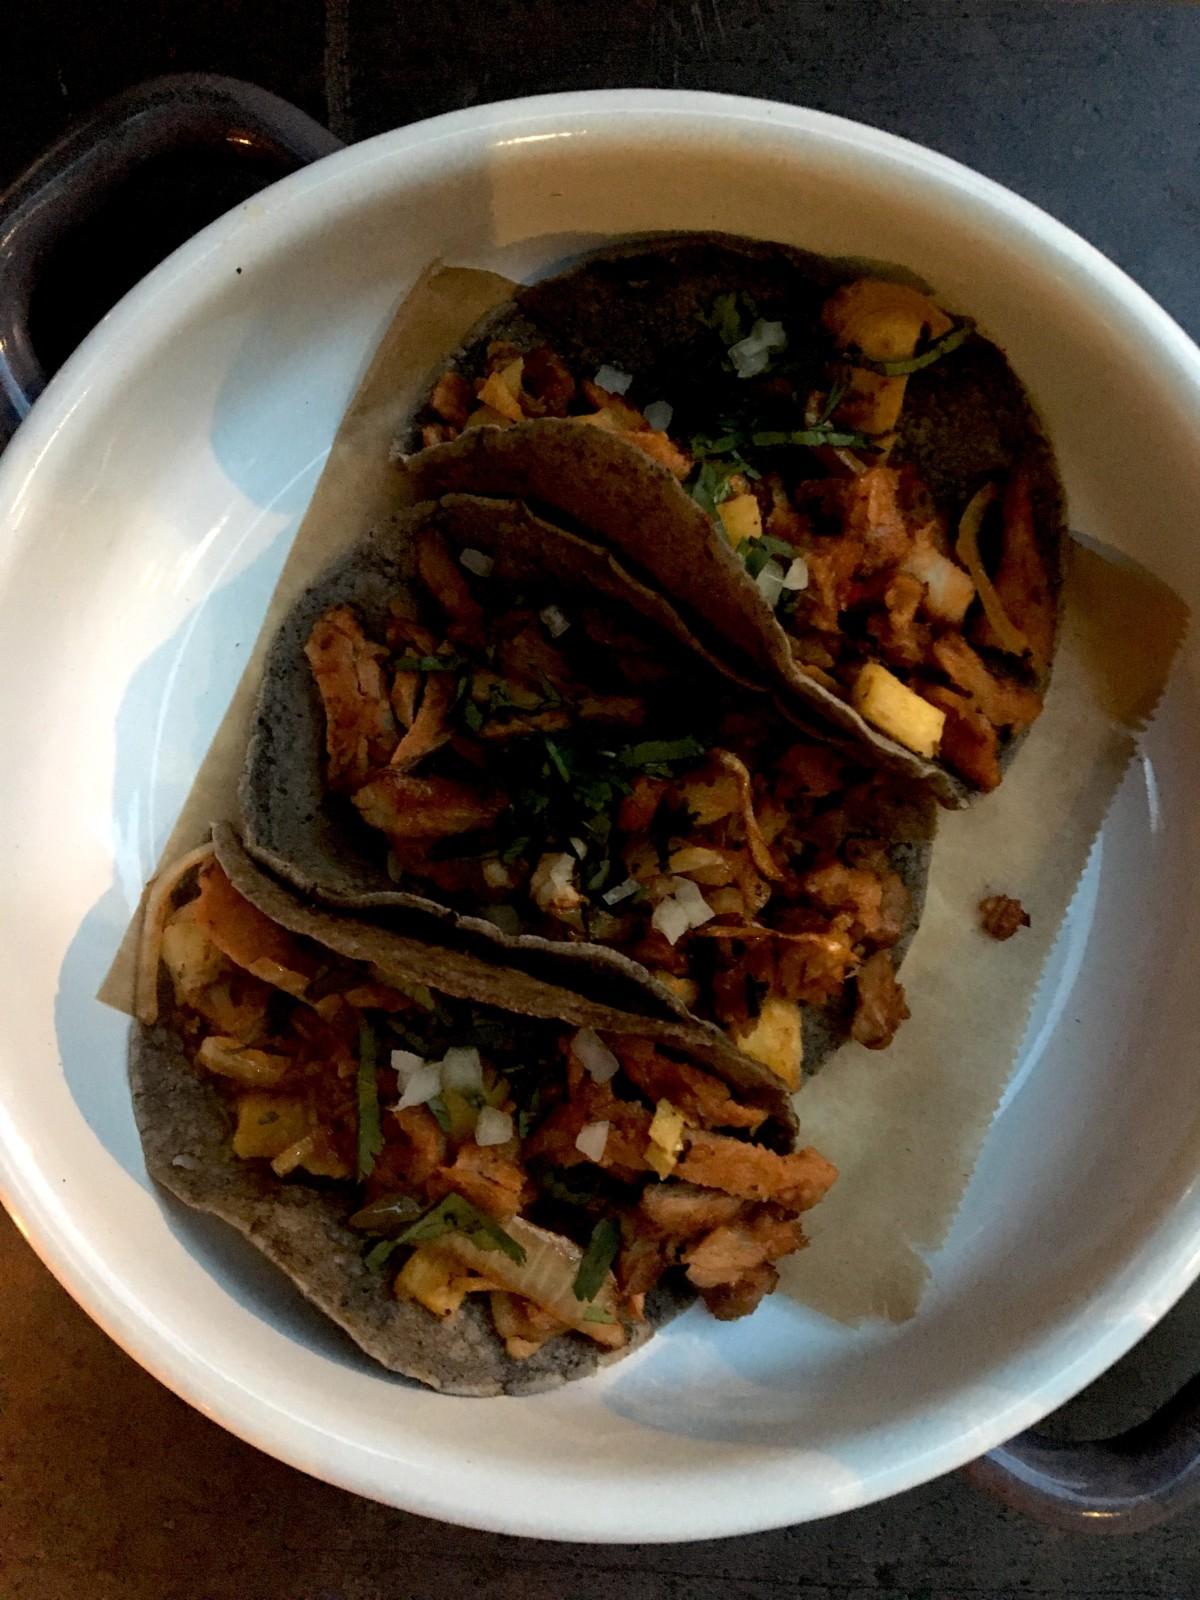 Dank hausgemahlenem Maismehl schmecken die Tacos nicht nur vorzüglich, der Teig hat auch die rauhe Konsistenz, die es braucht, um viel Sauce aufladen zu können. Foto: Simone